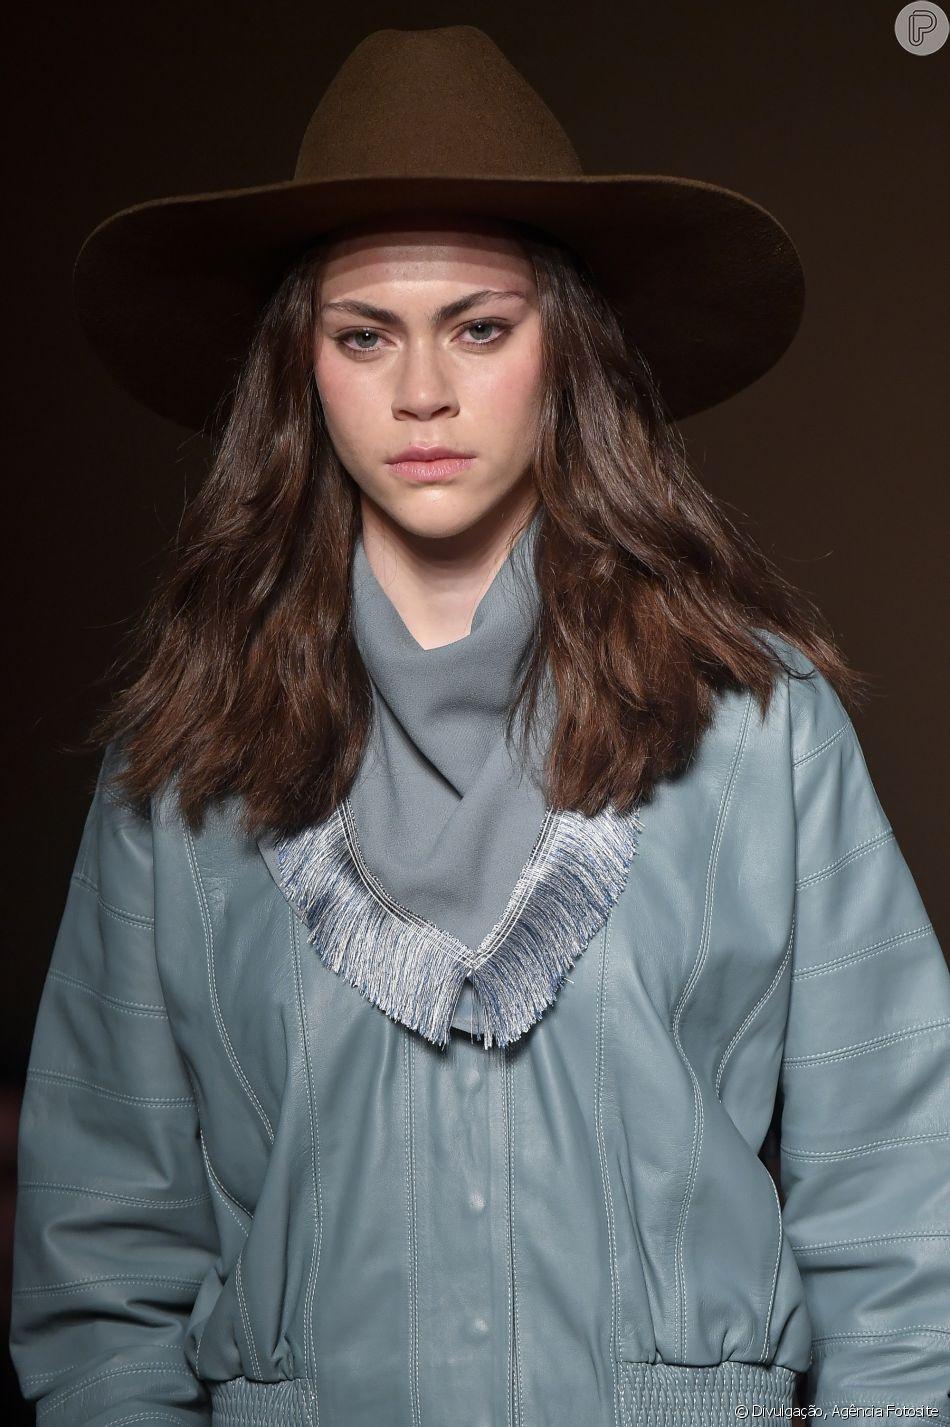 Jaqueta Bomber + lenço franjado + chapéu para um look western 80s